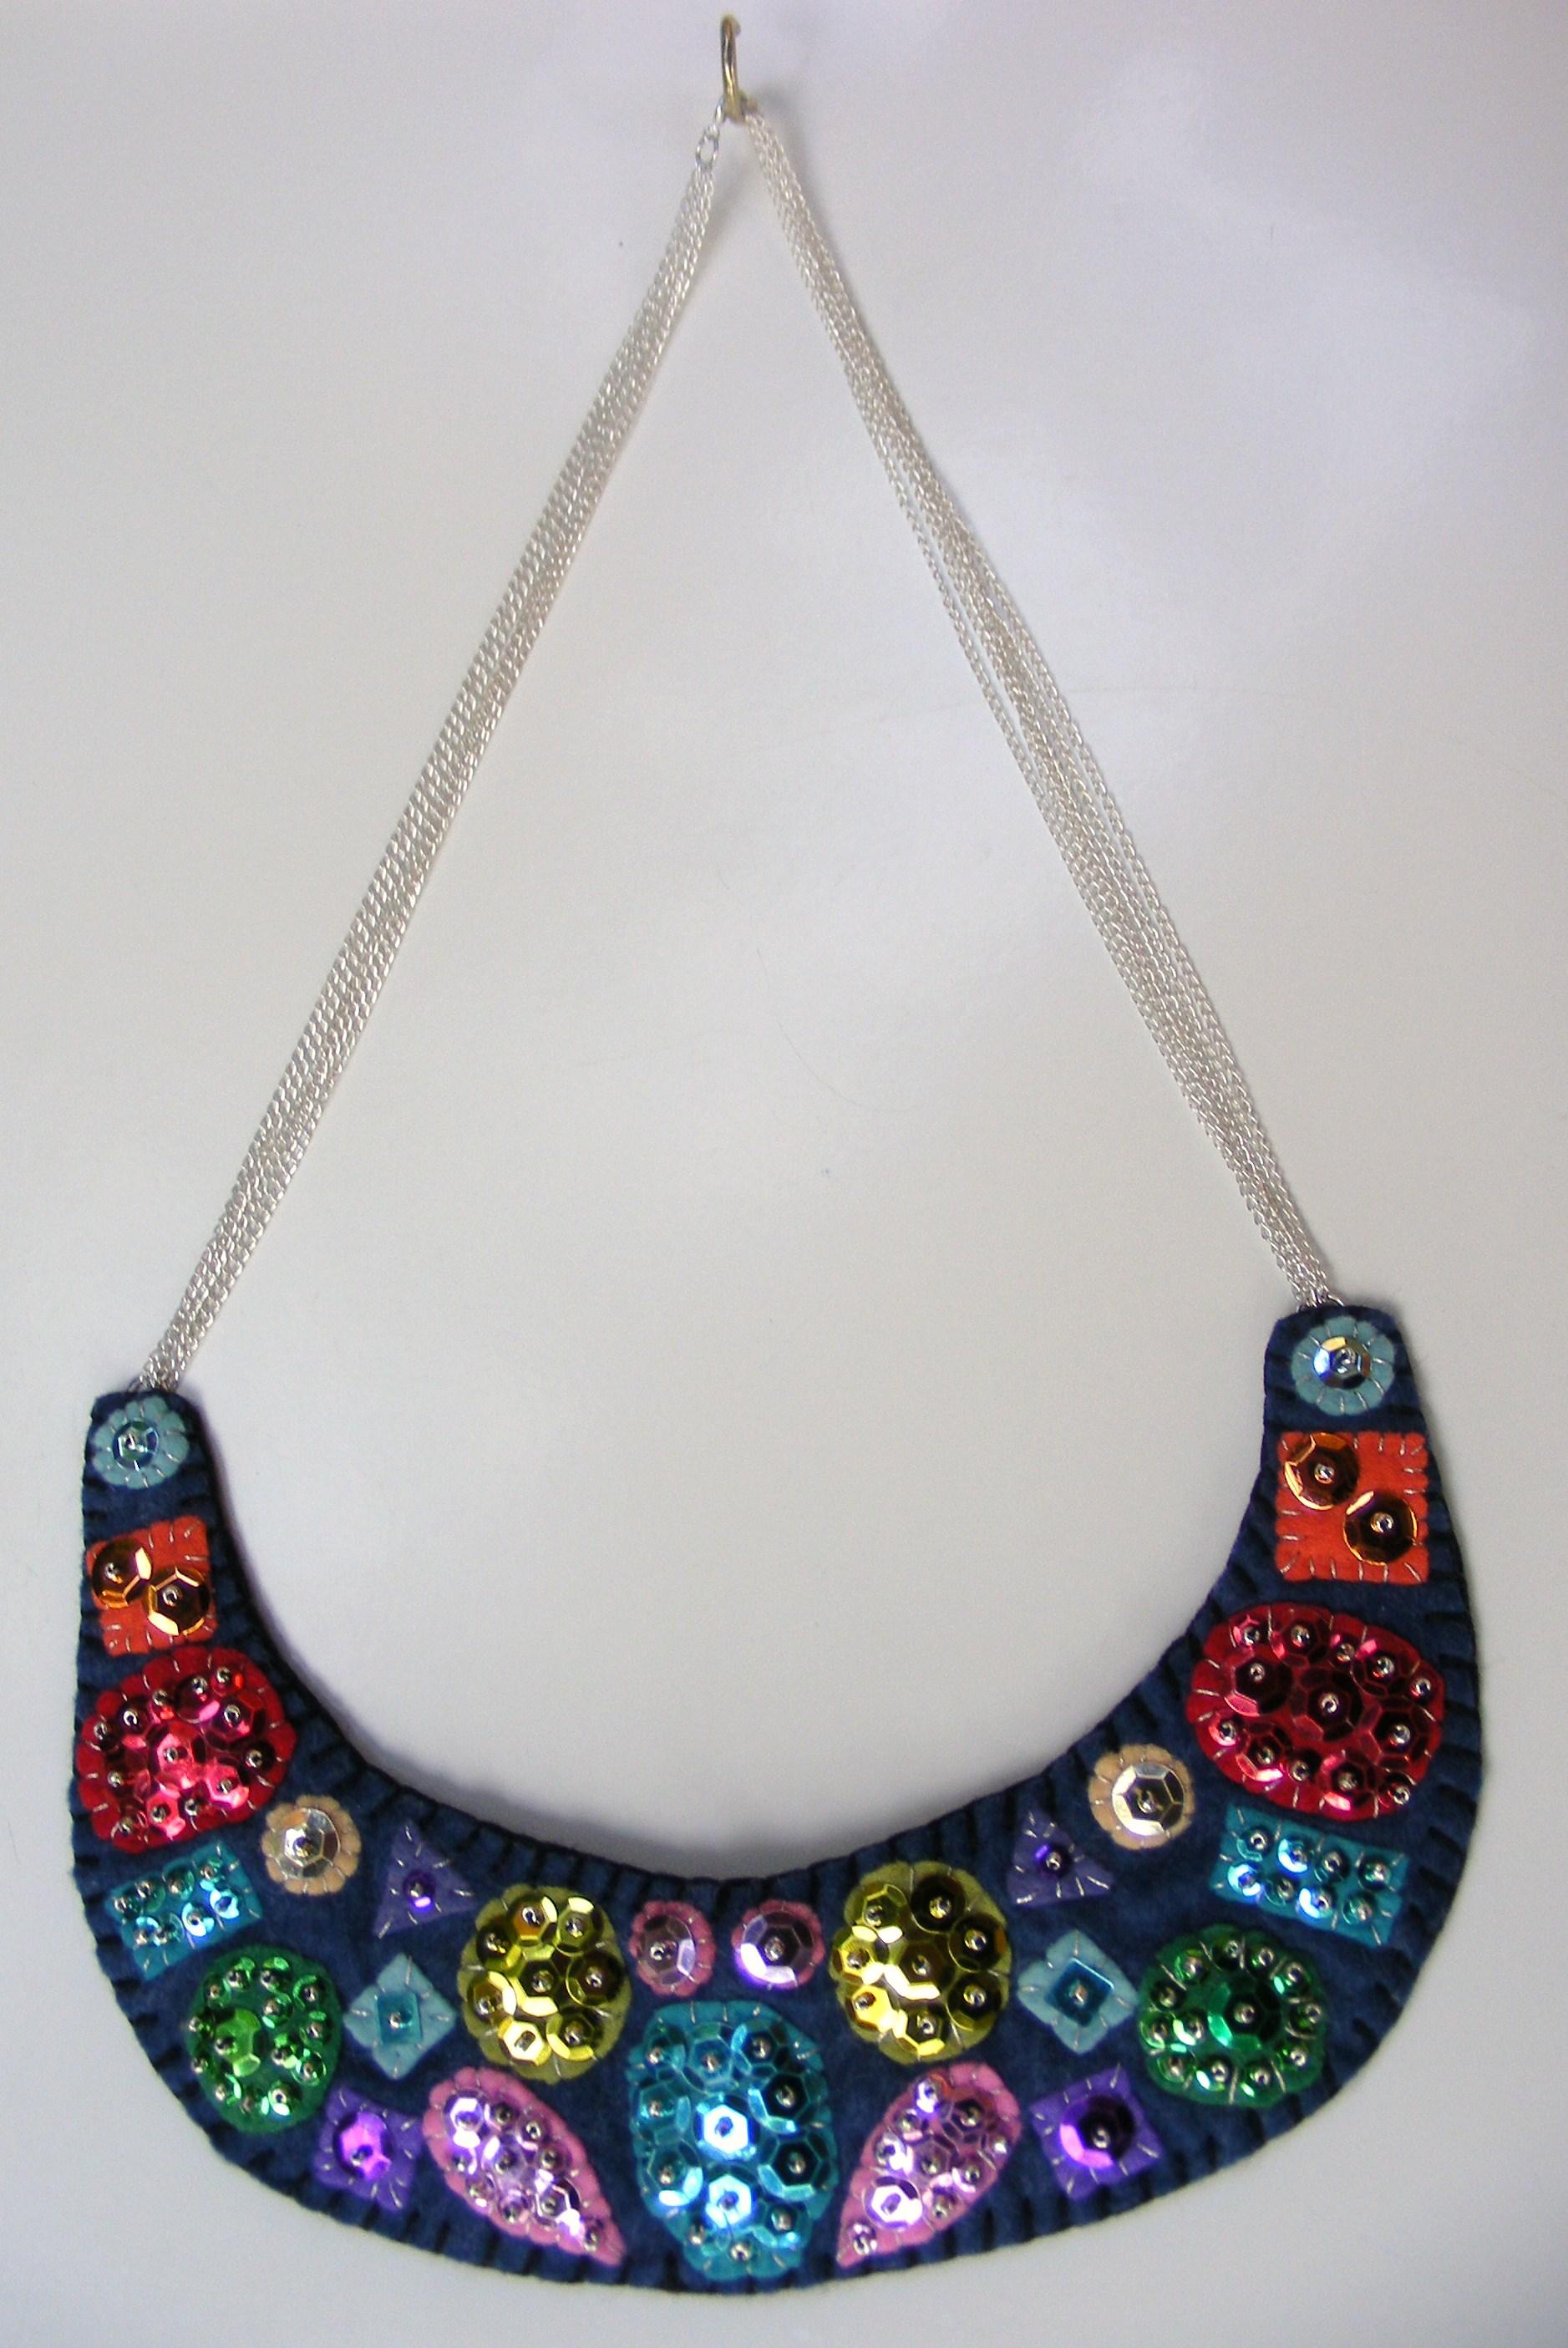 25 unique felt necklace ideas 100 images diy felt